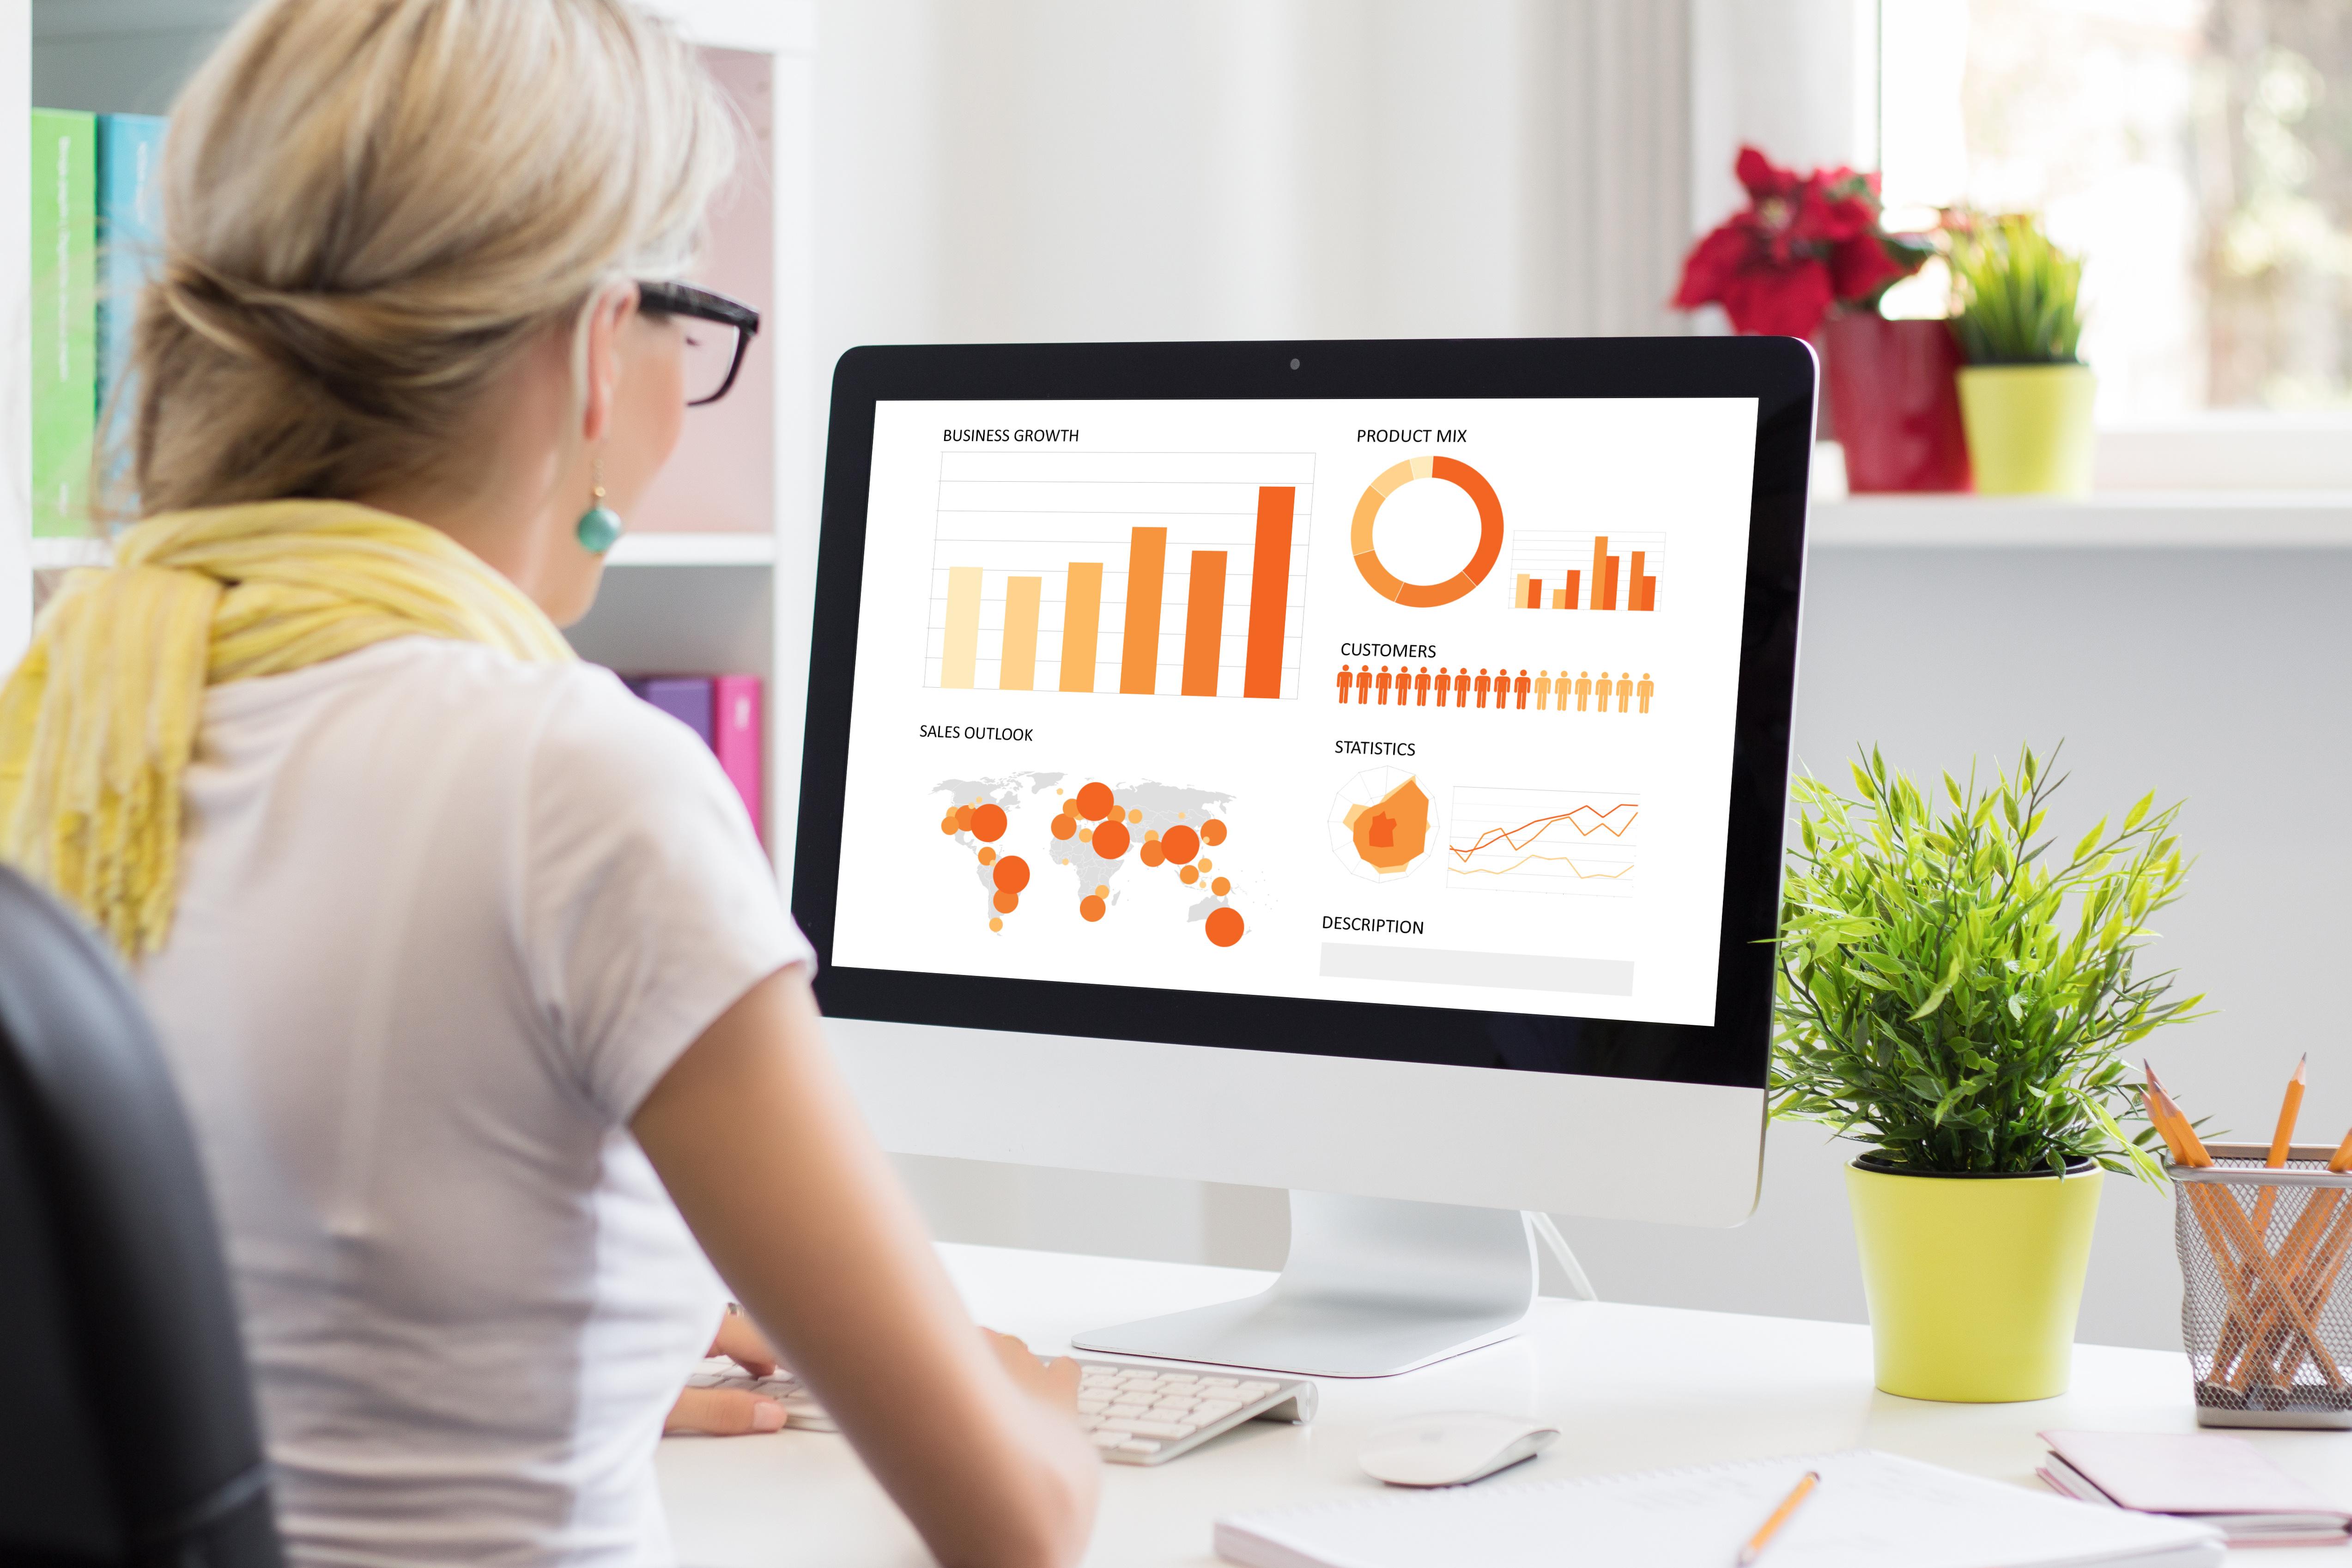 AdKiosks: Transforming the Digital Advertising Industry